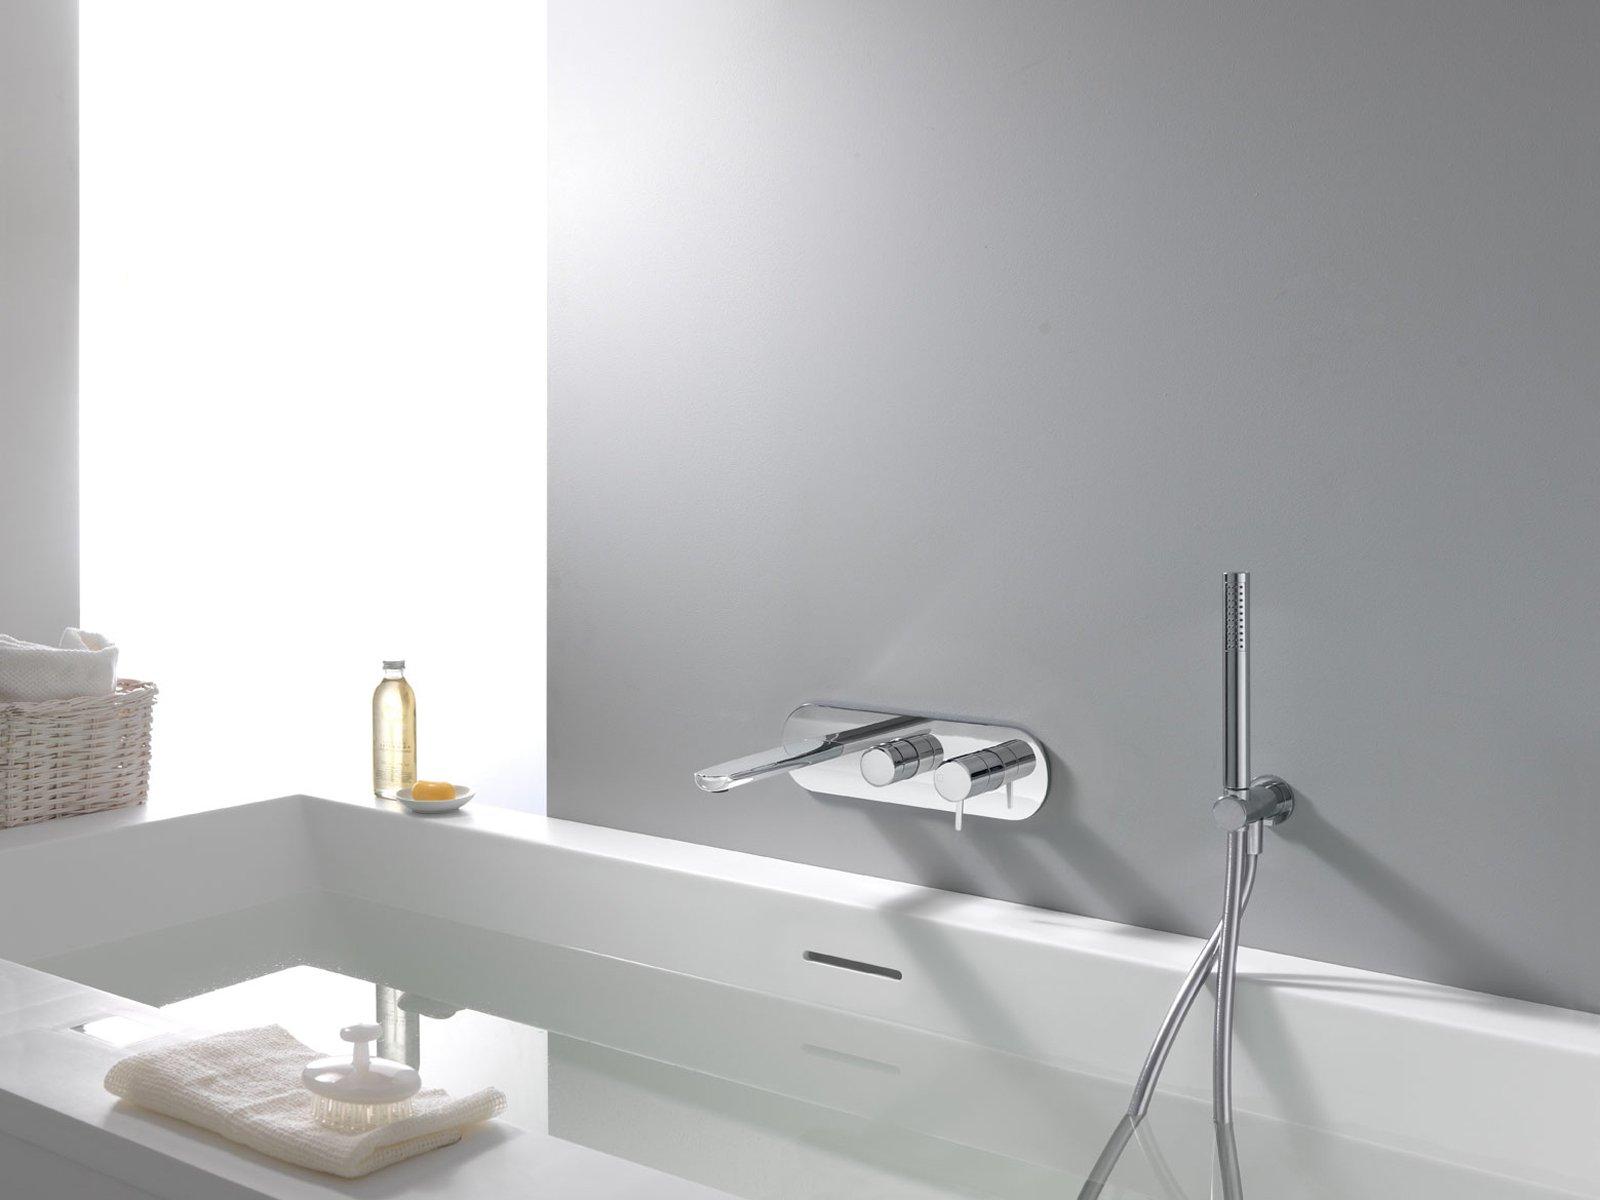 il miscelatore monocomando da incasso per vasca della linea queen di cristina rubinetterie disponibile con